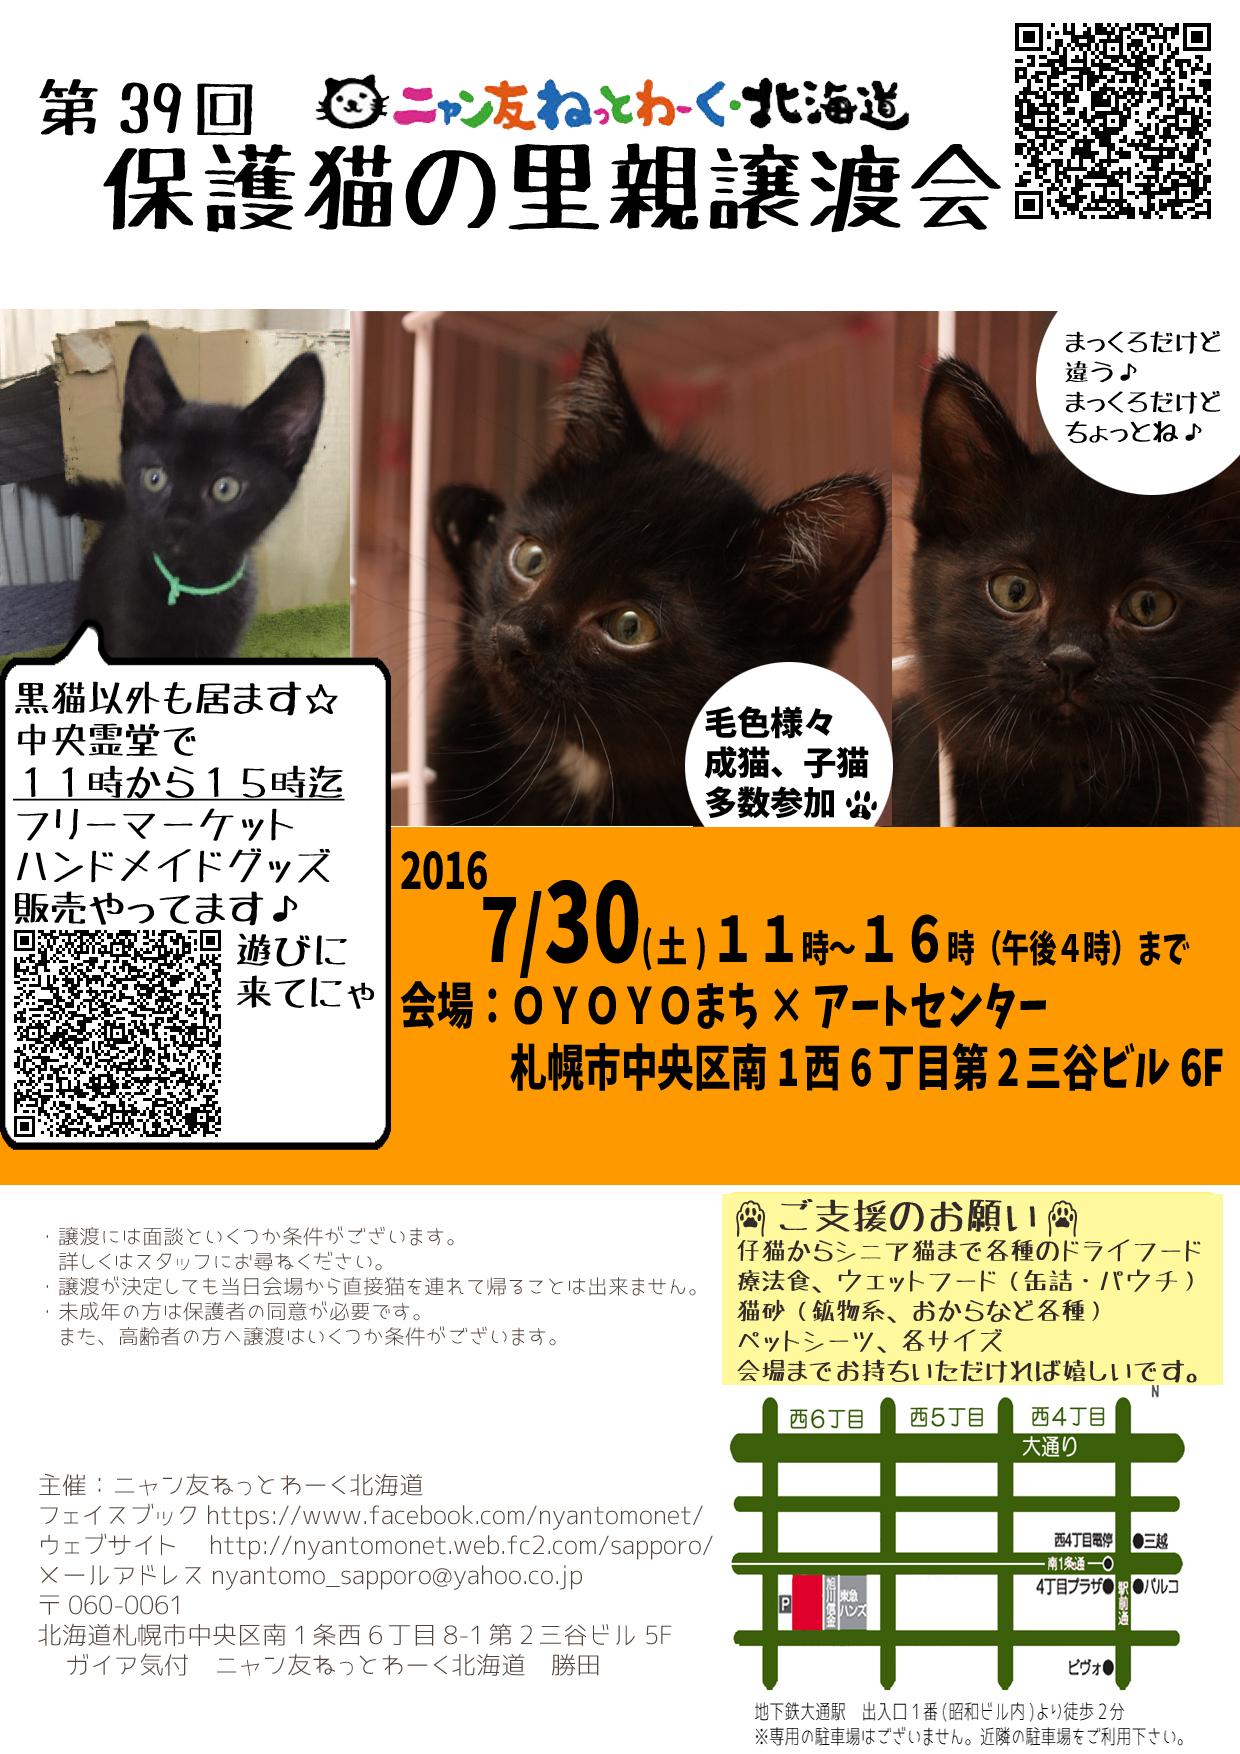 20160730.jpg